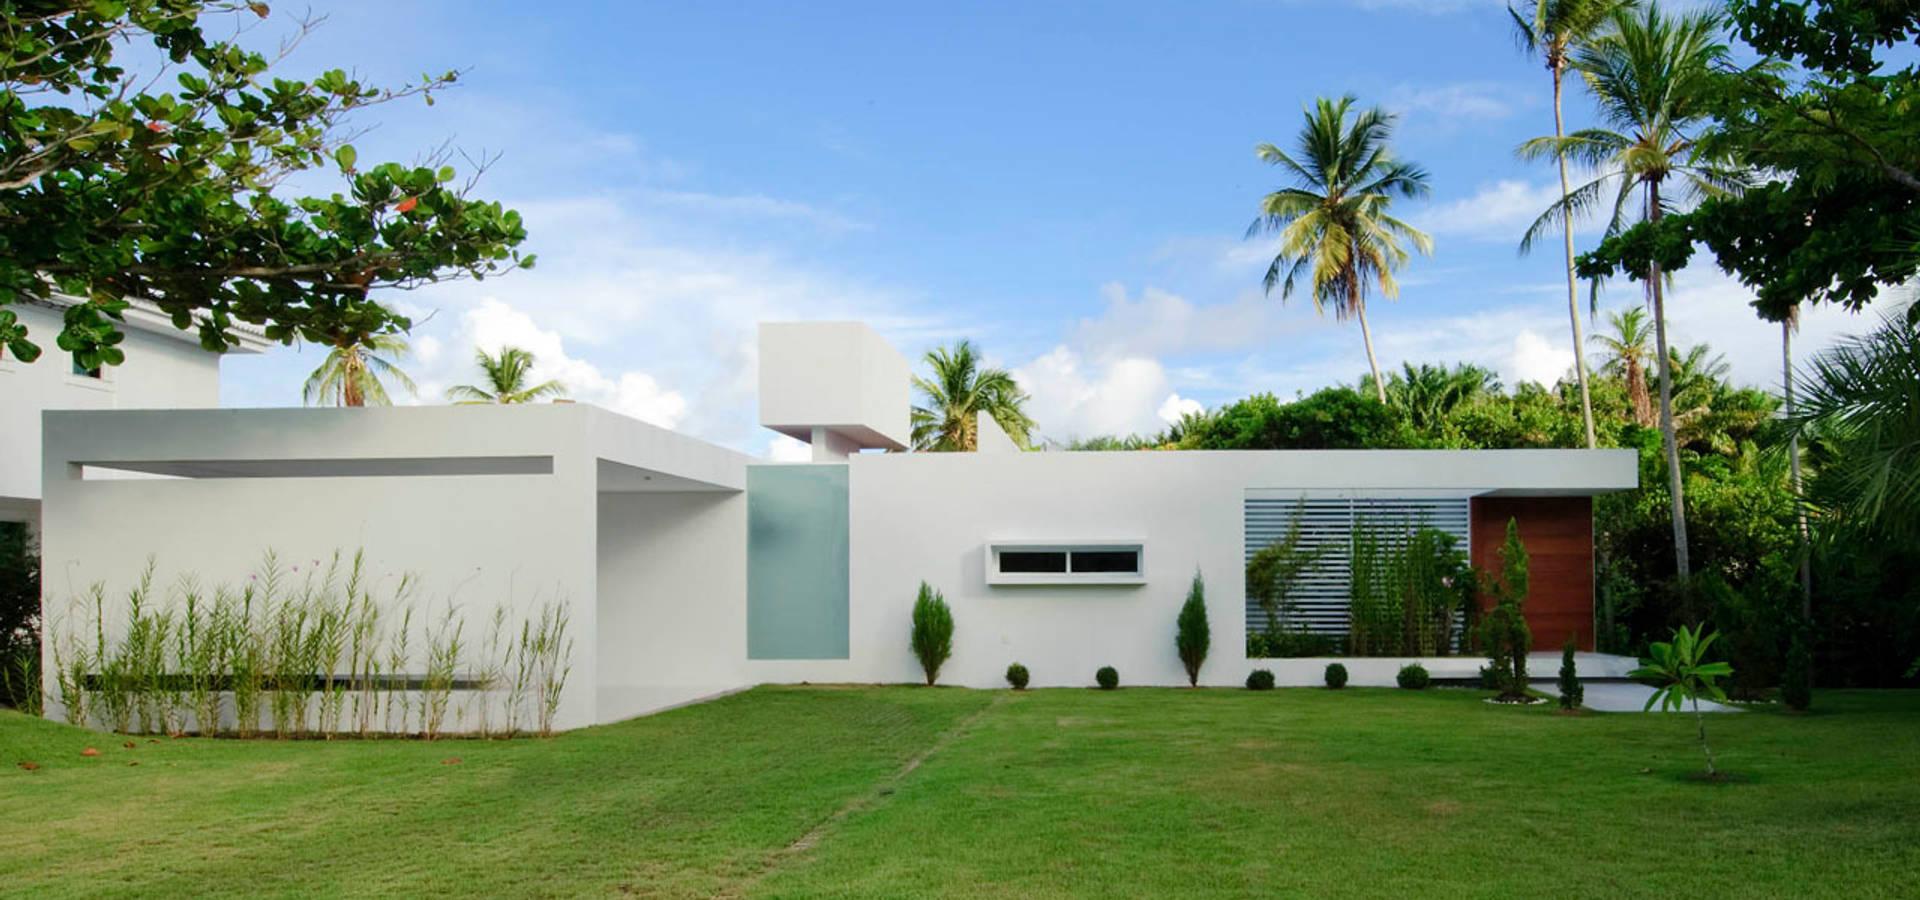 dantasbento   Arquitetura + Design